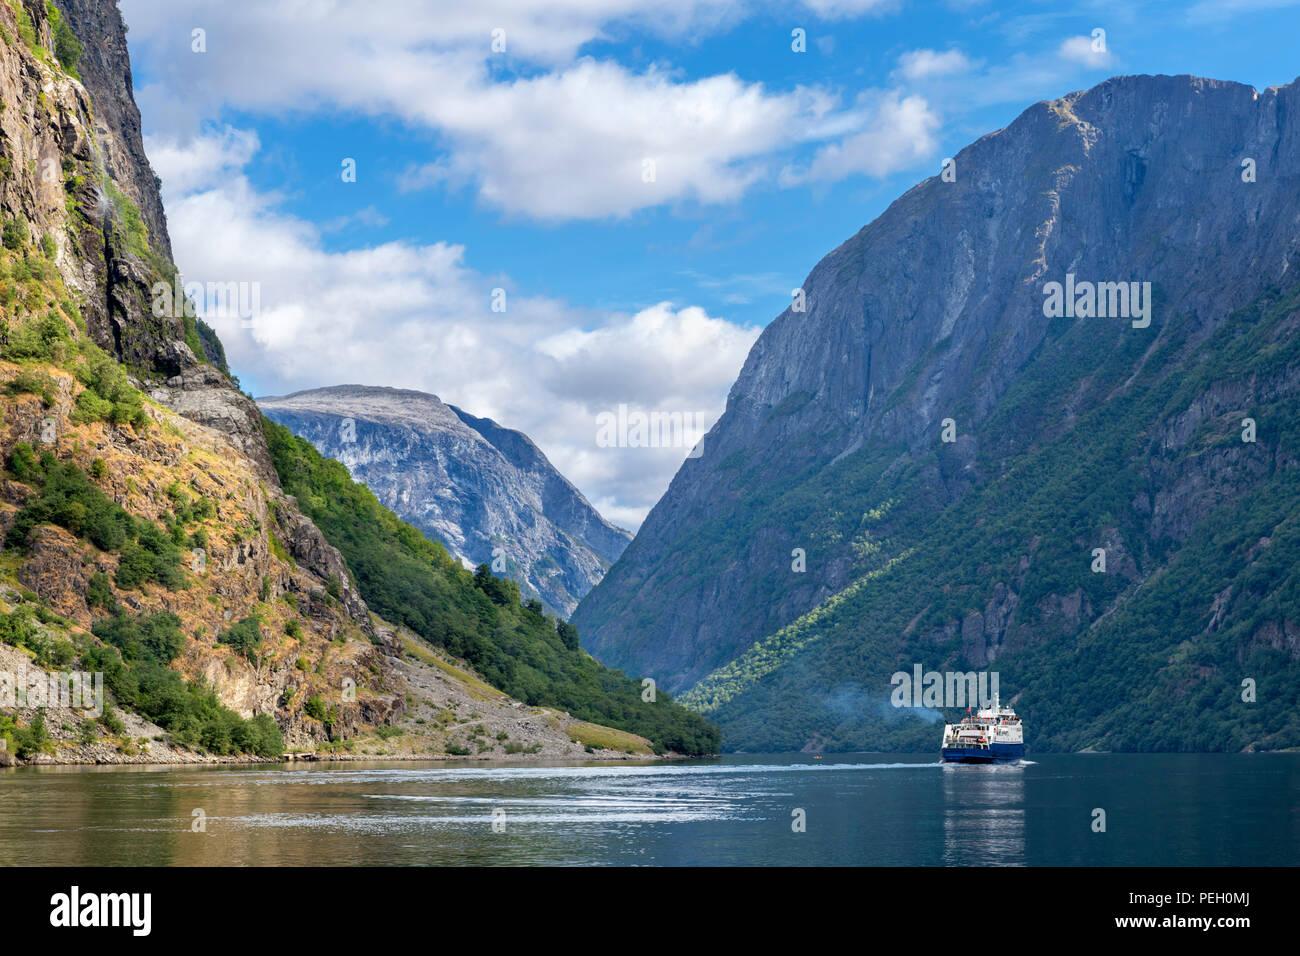 Ferry leaving Gudvangen, Nærøyfjord, Sognefjord, Sogn og Fjordane, Norway - Stock Image